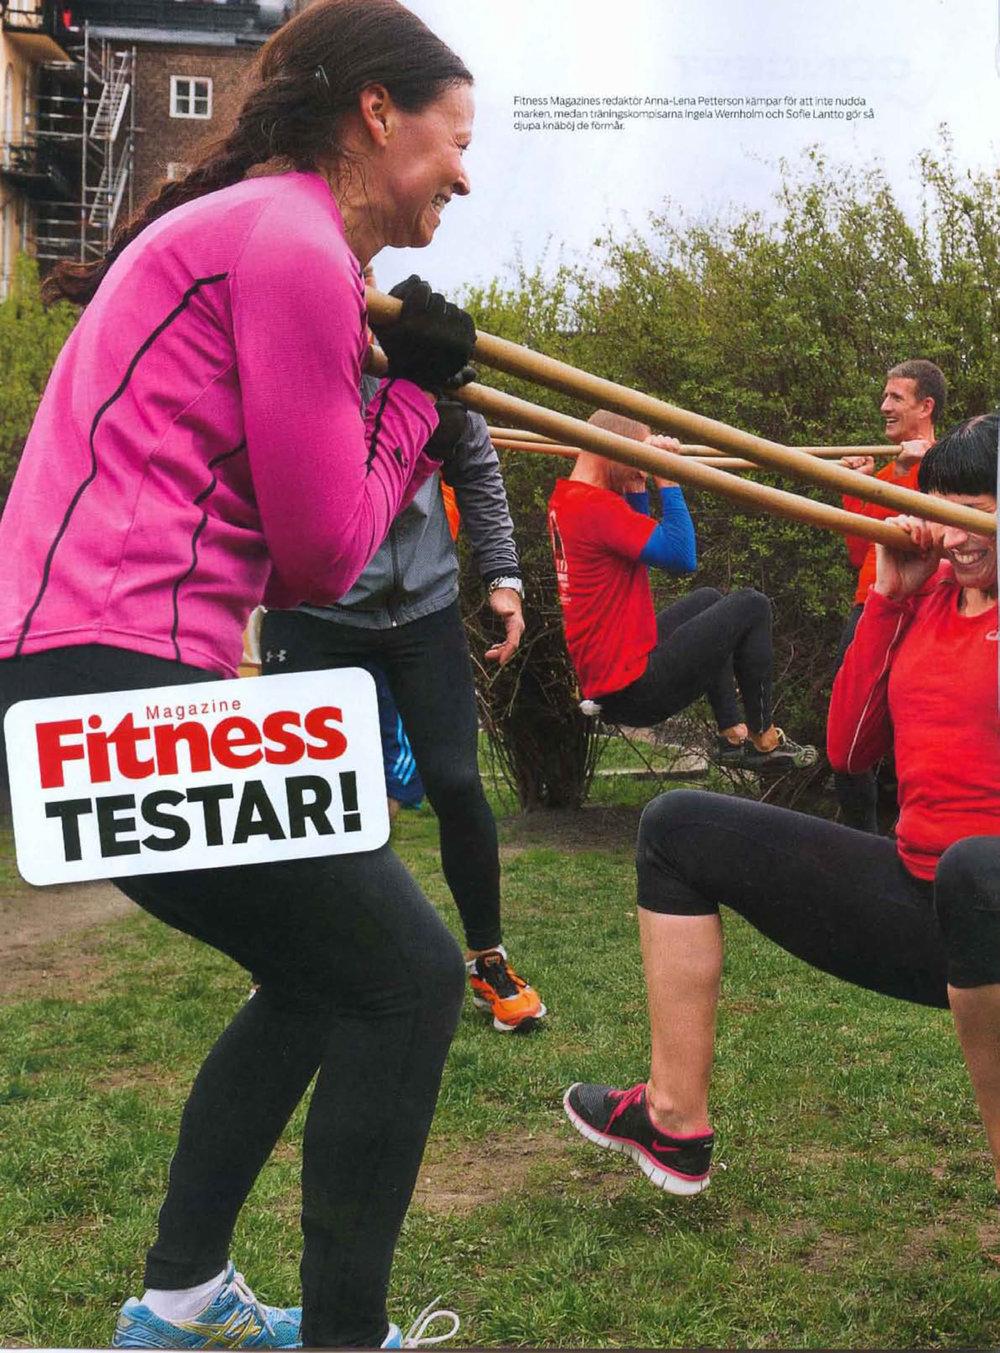 Fitness-provar-outdoor-senaste-1.jpg